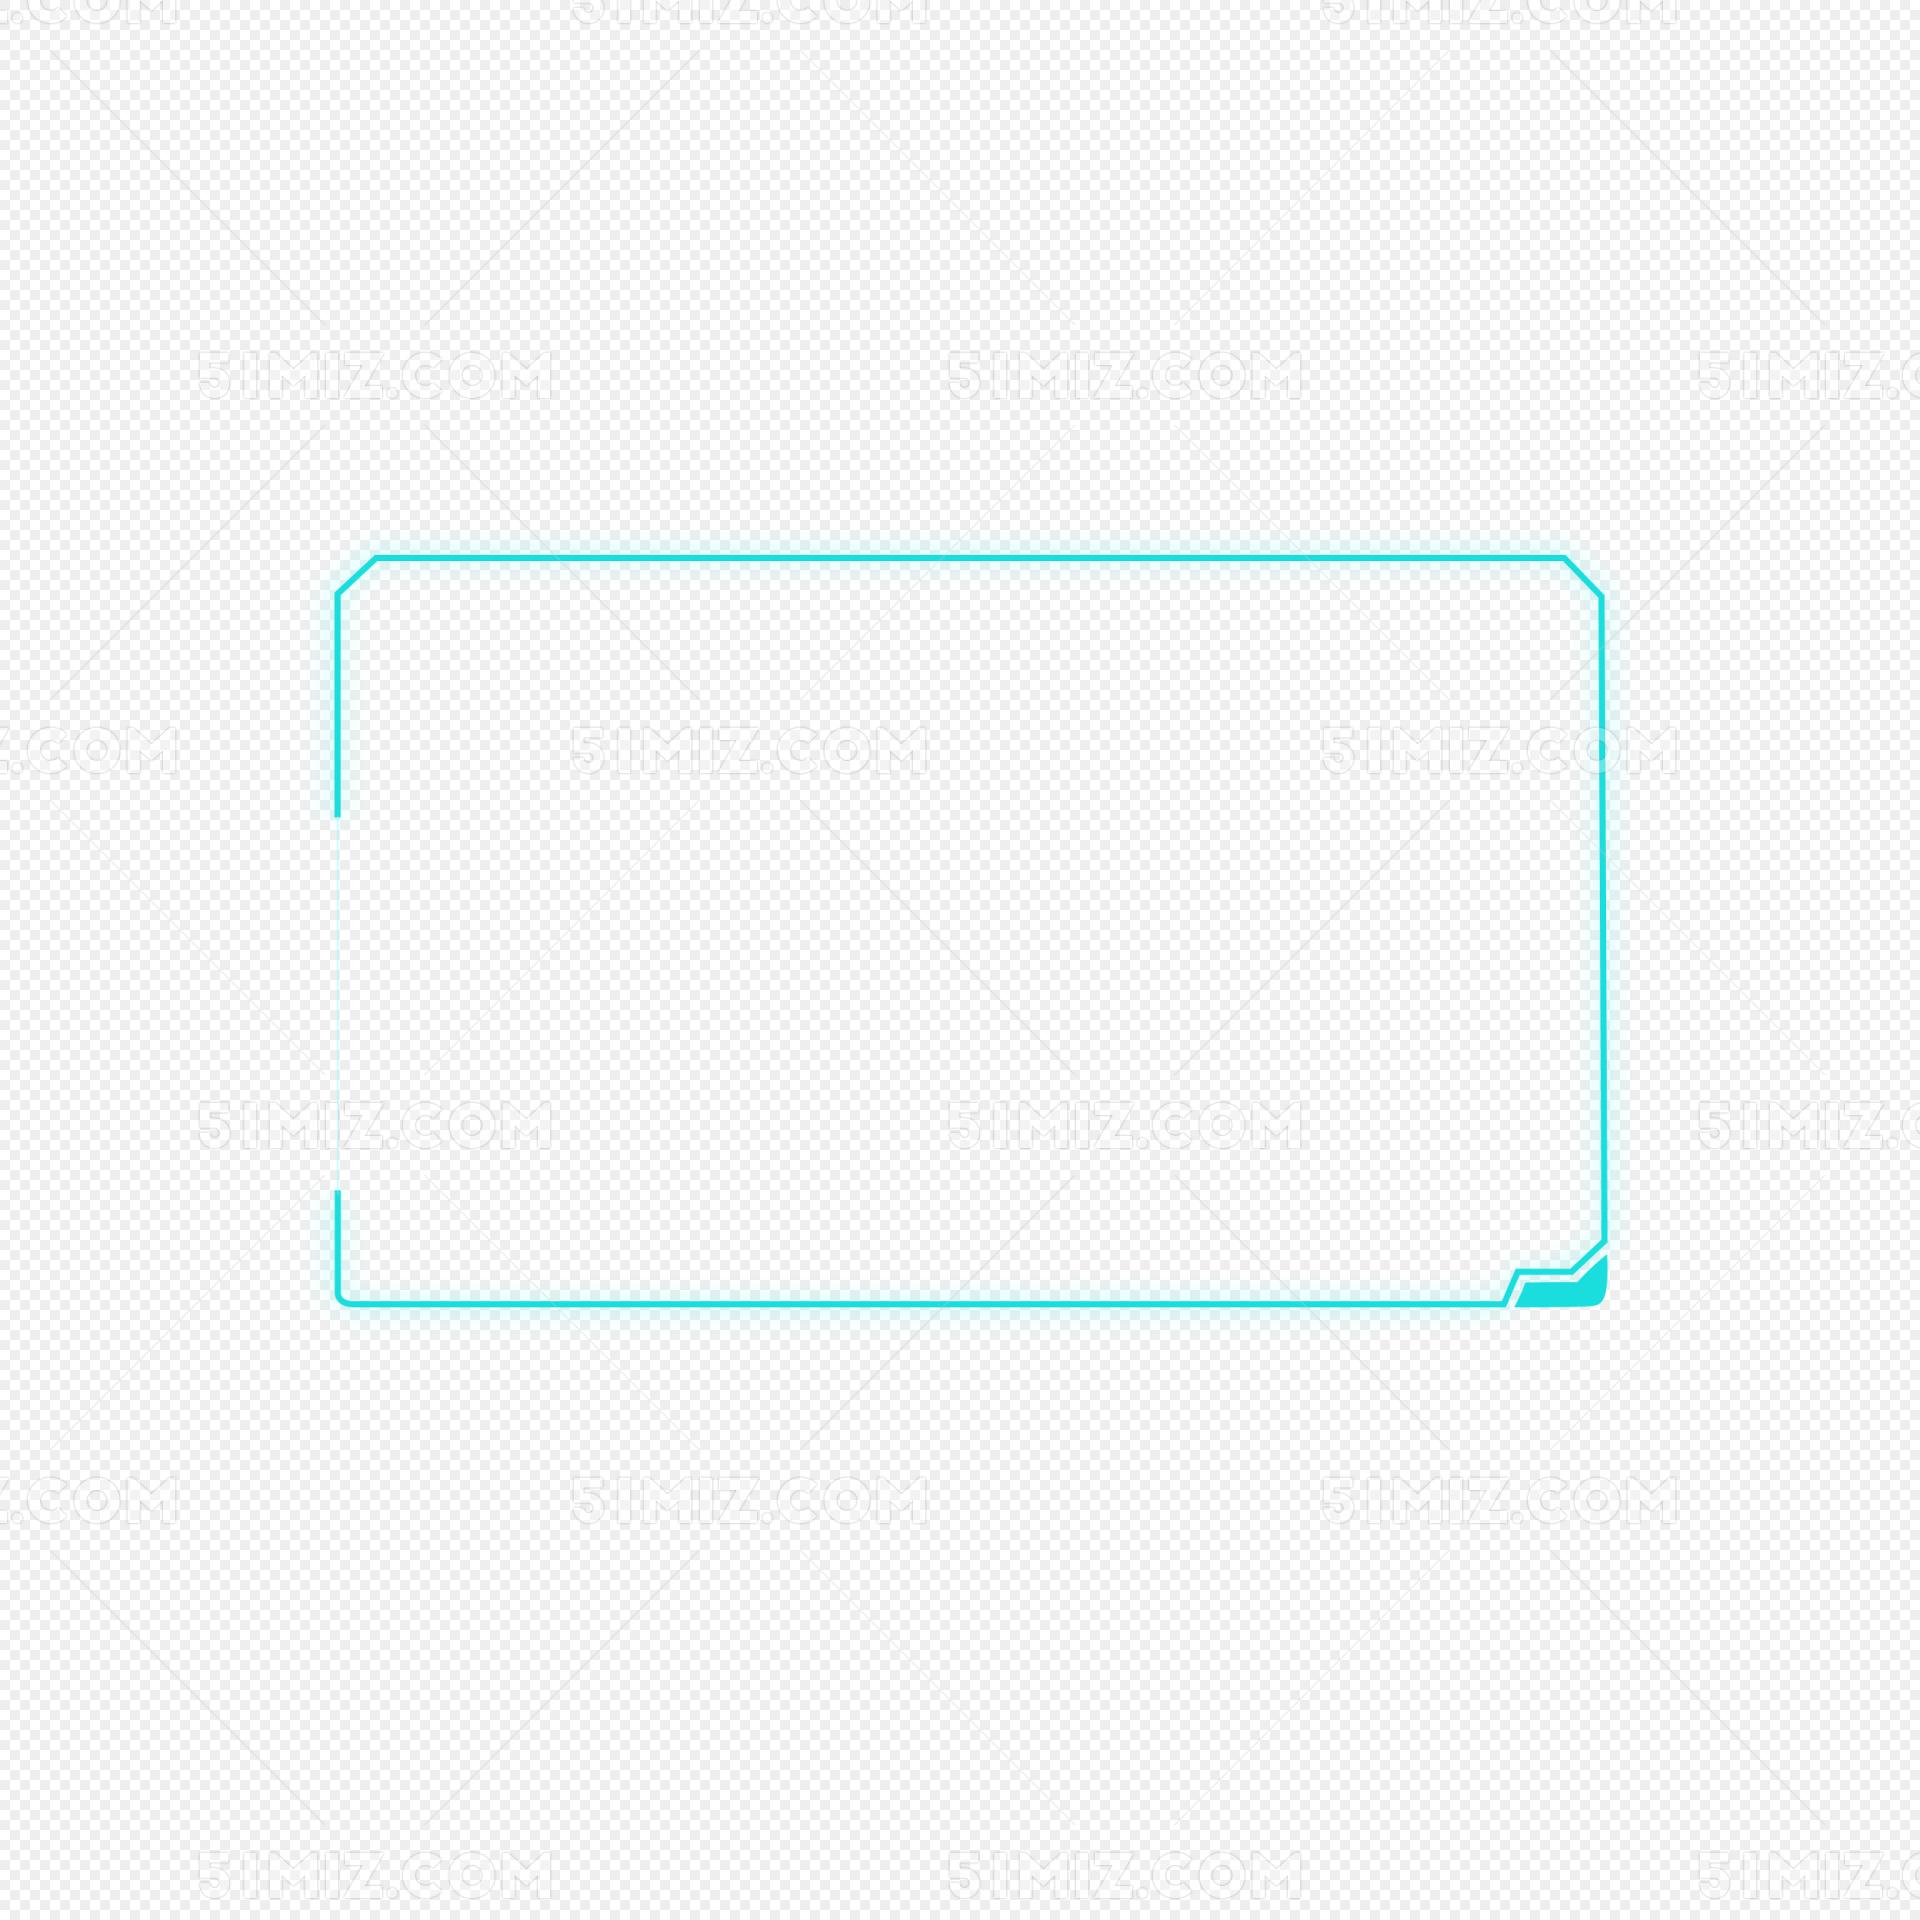 蓝色科技感边框线条